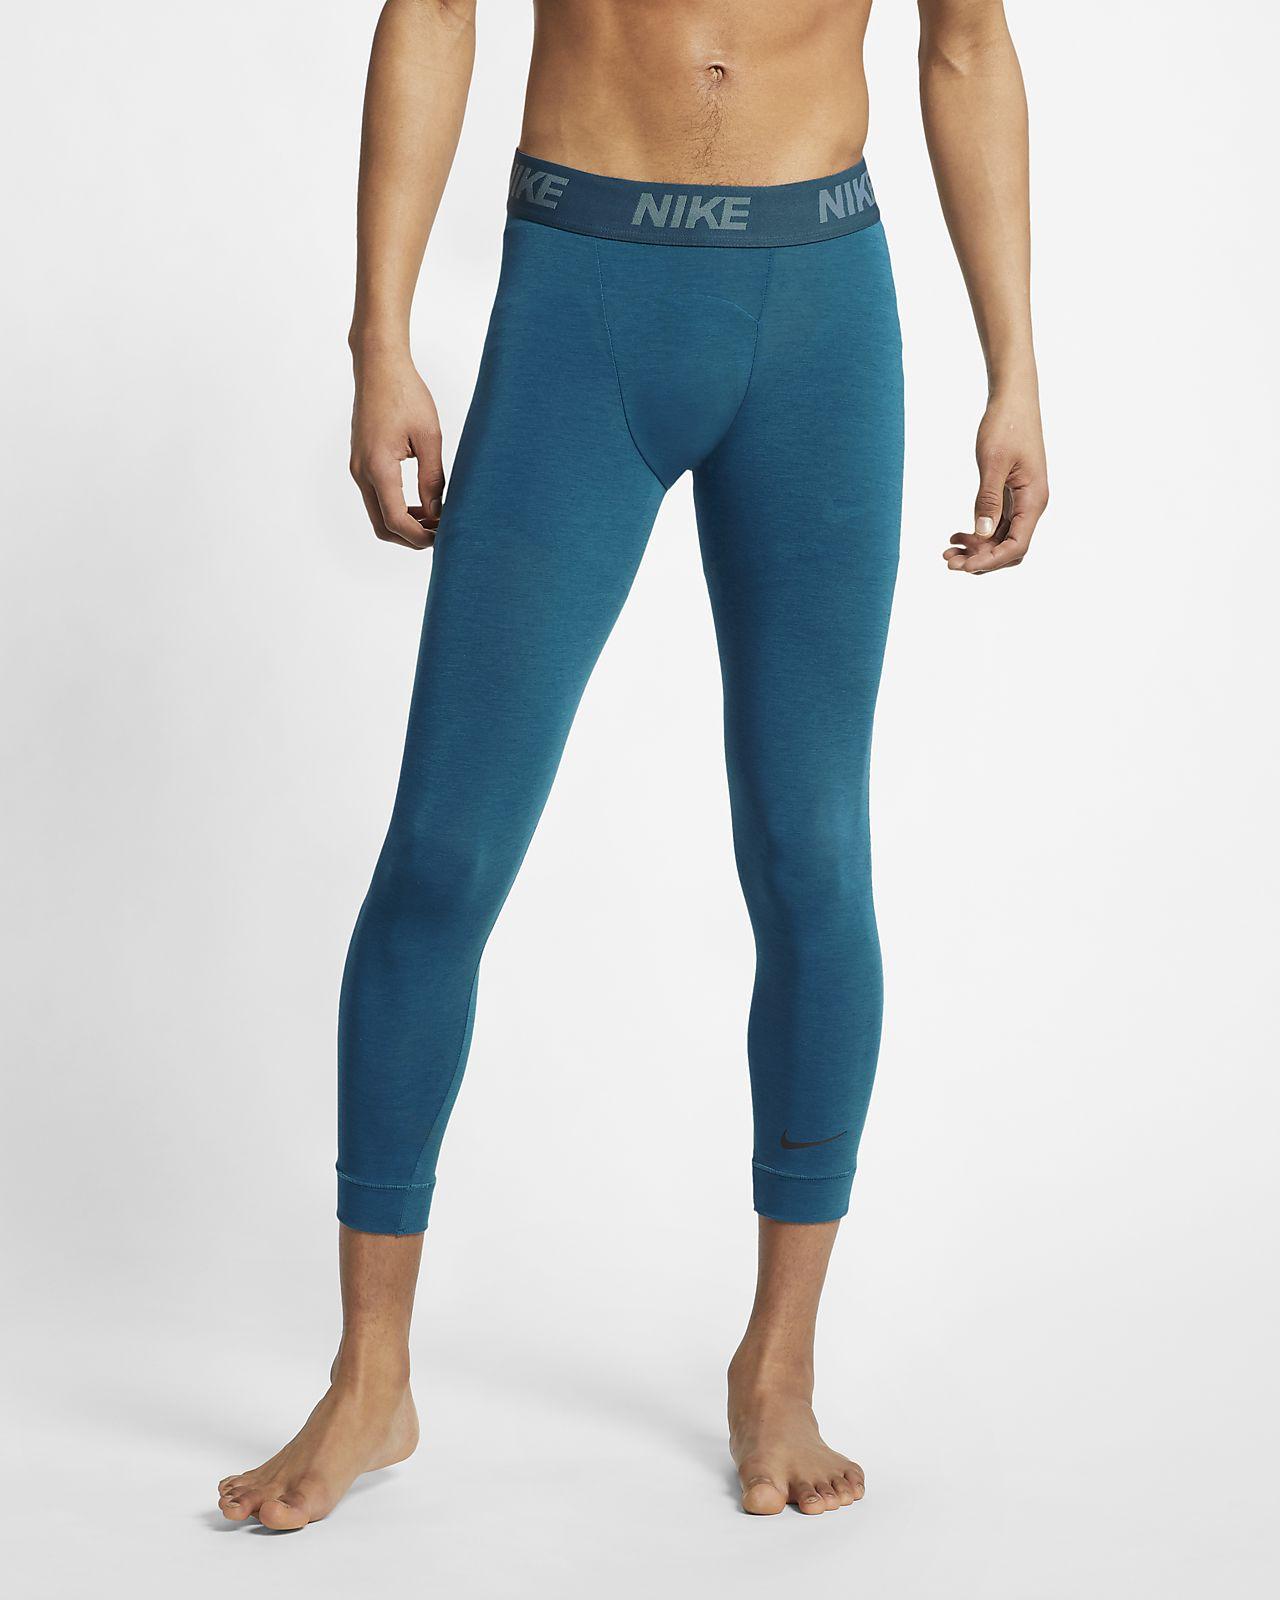 Ανδρικό κολάν προπόνησης γιόγκα με μήκος 3/4 Nike Dri-FIT